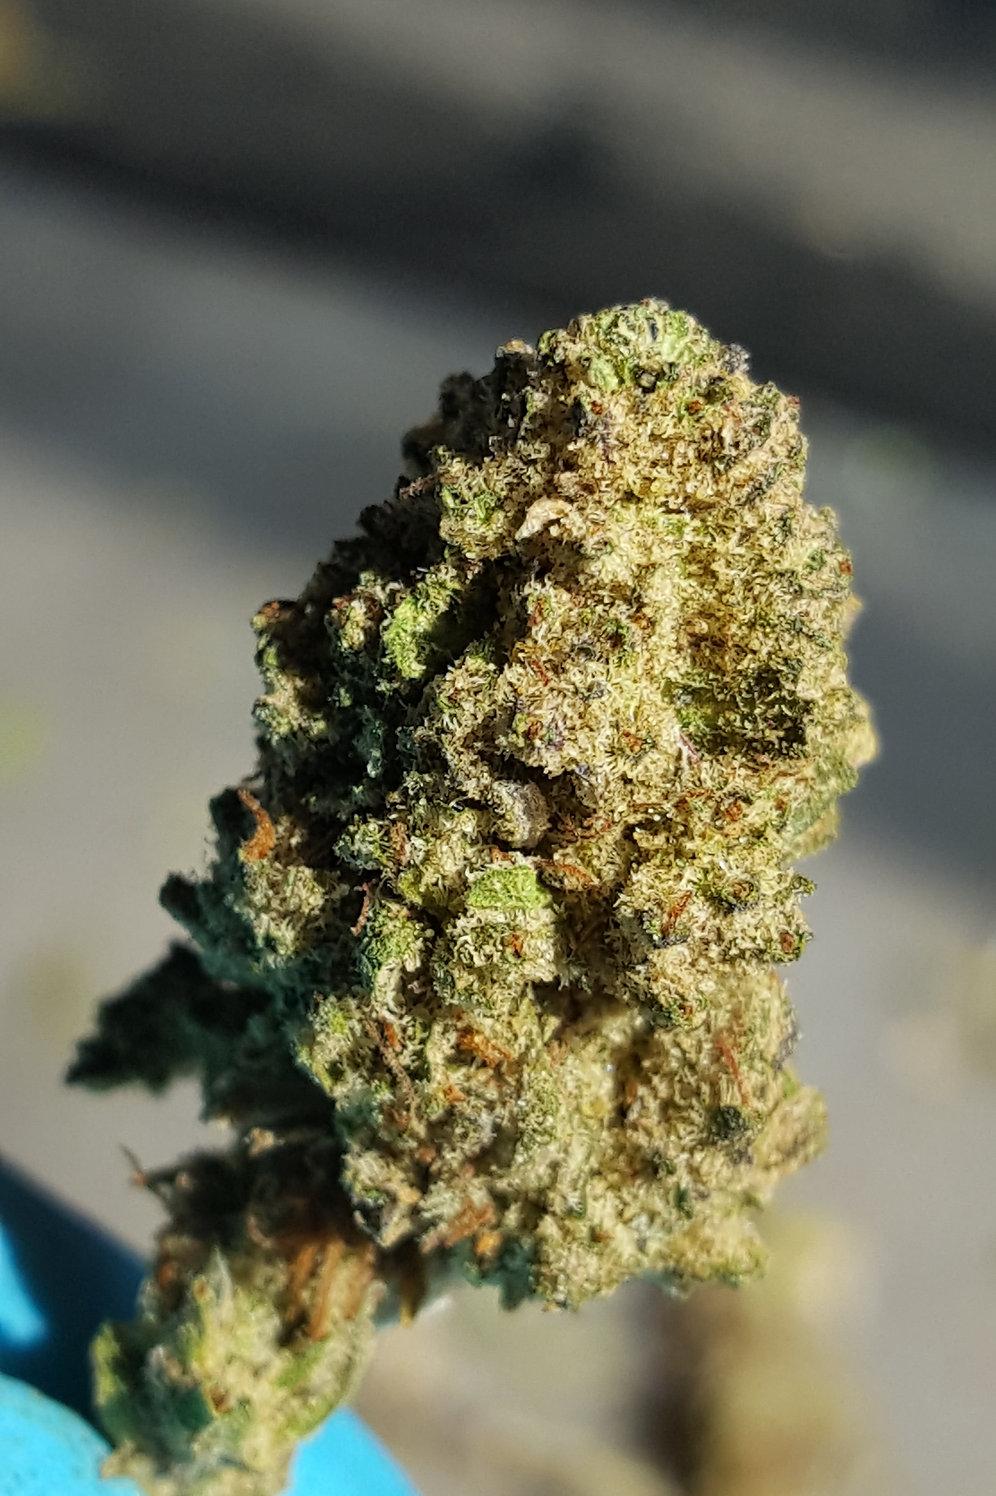 MURPHY MEDLEY FLOWER - 3 5 Grams